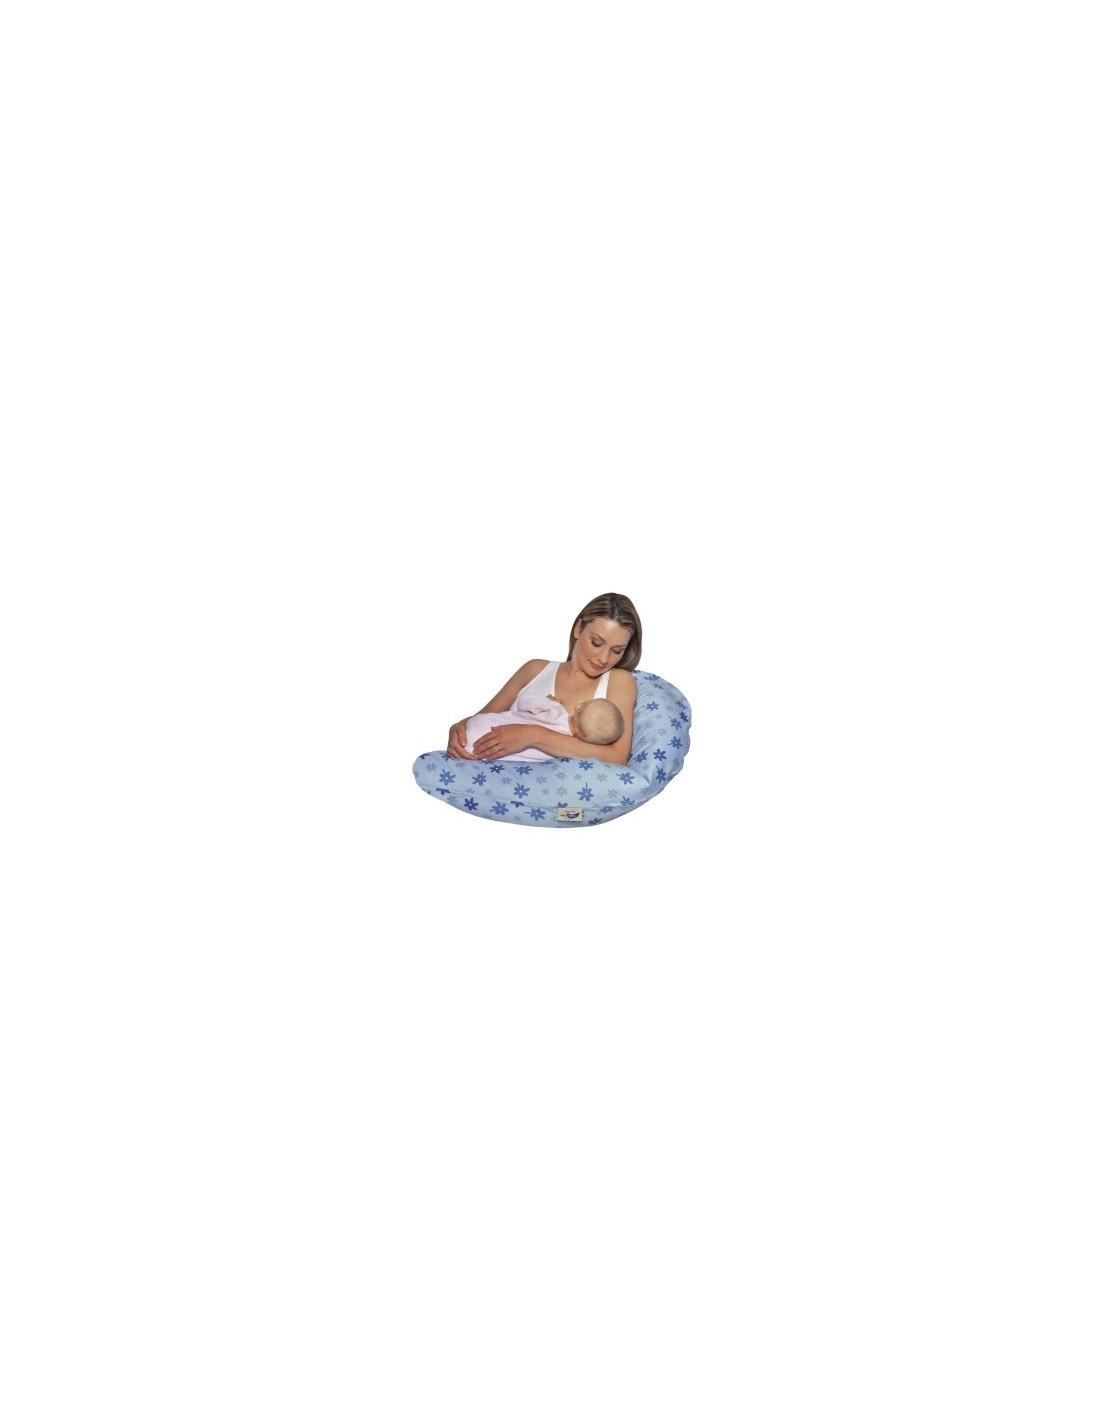 cuscino allattamento morbido specifico per la mamma che